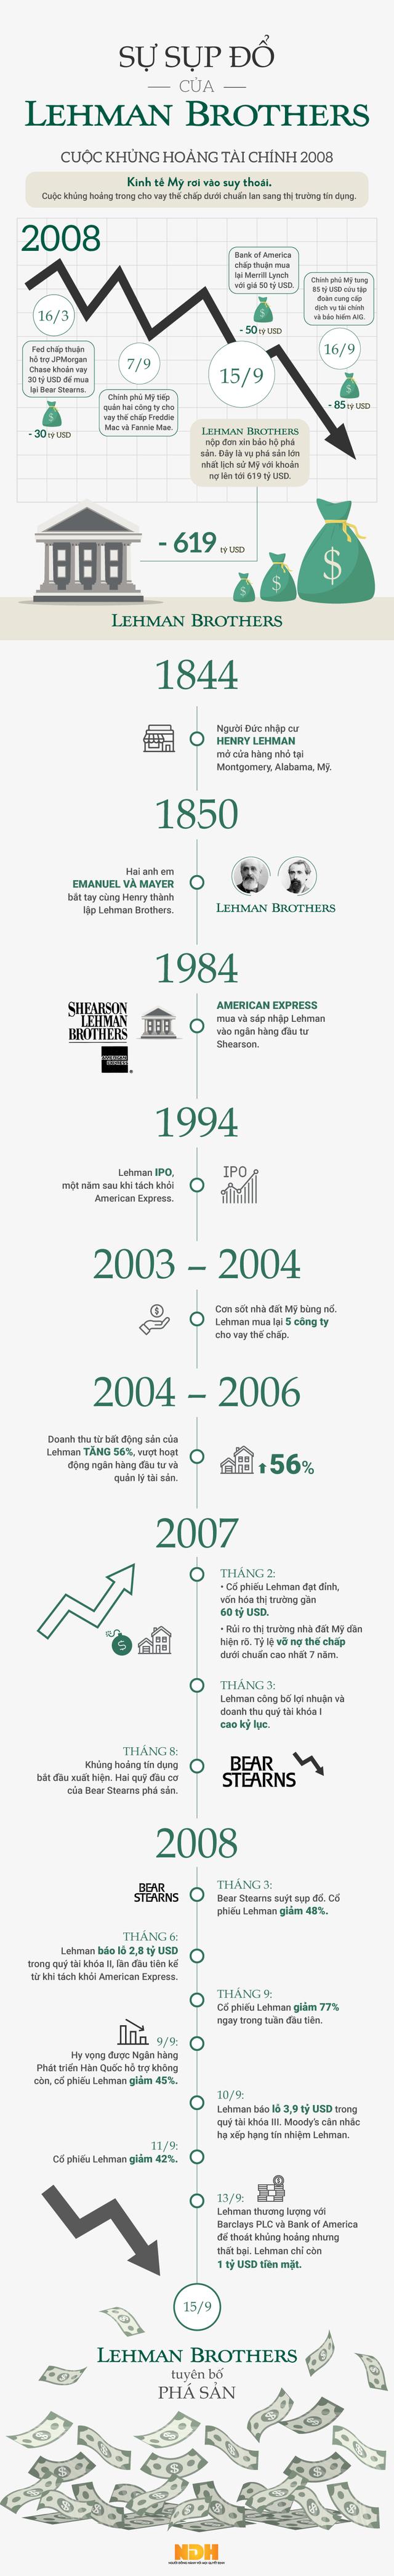 [Infographic] Lehman Brothers và vụ sụp đổ chấn động phân khúc địa cầu năm 2008 - Ảnh 1.